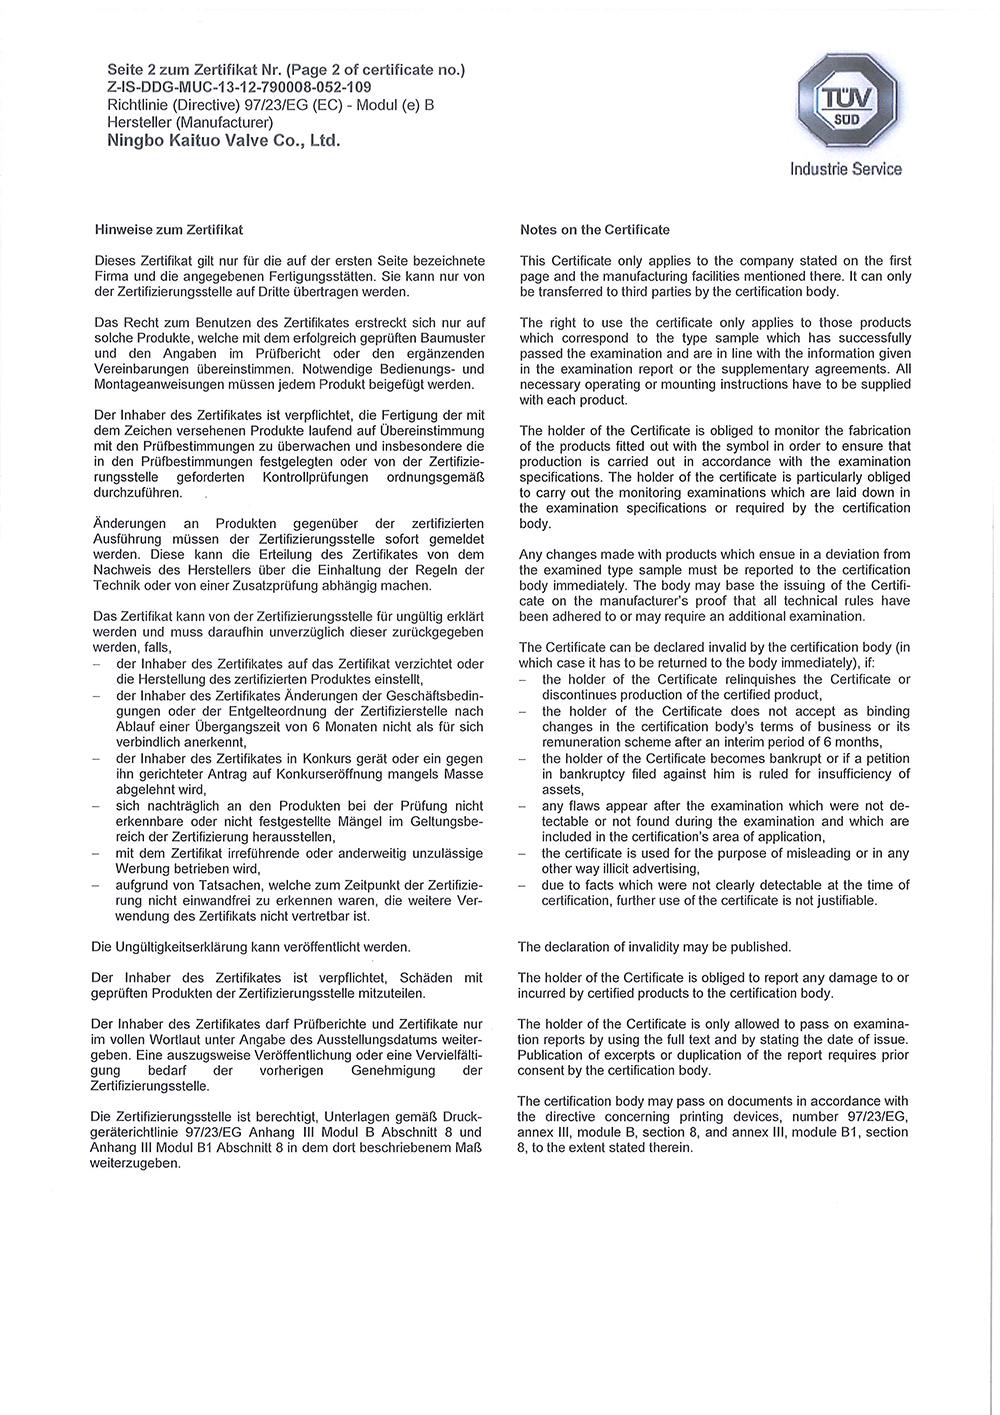 Z-IS-DDB-MUC-13-12-790008-052-109-2